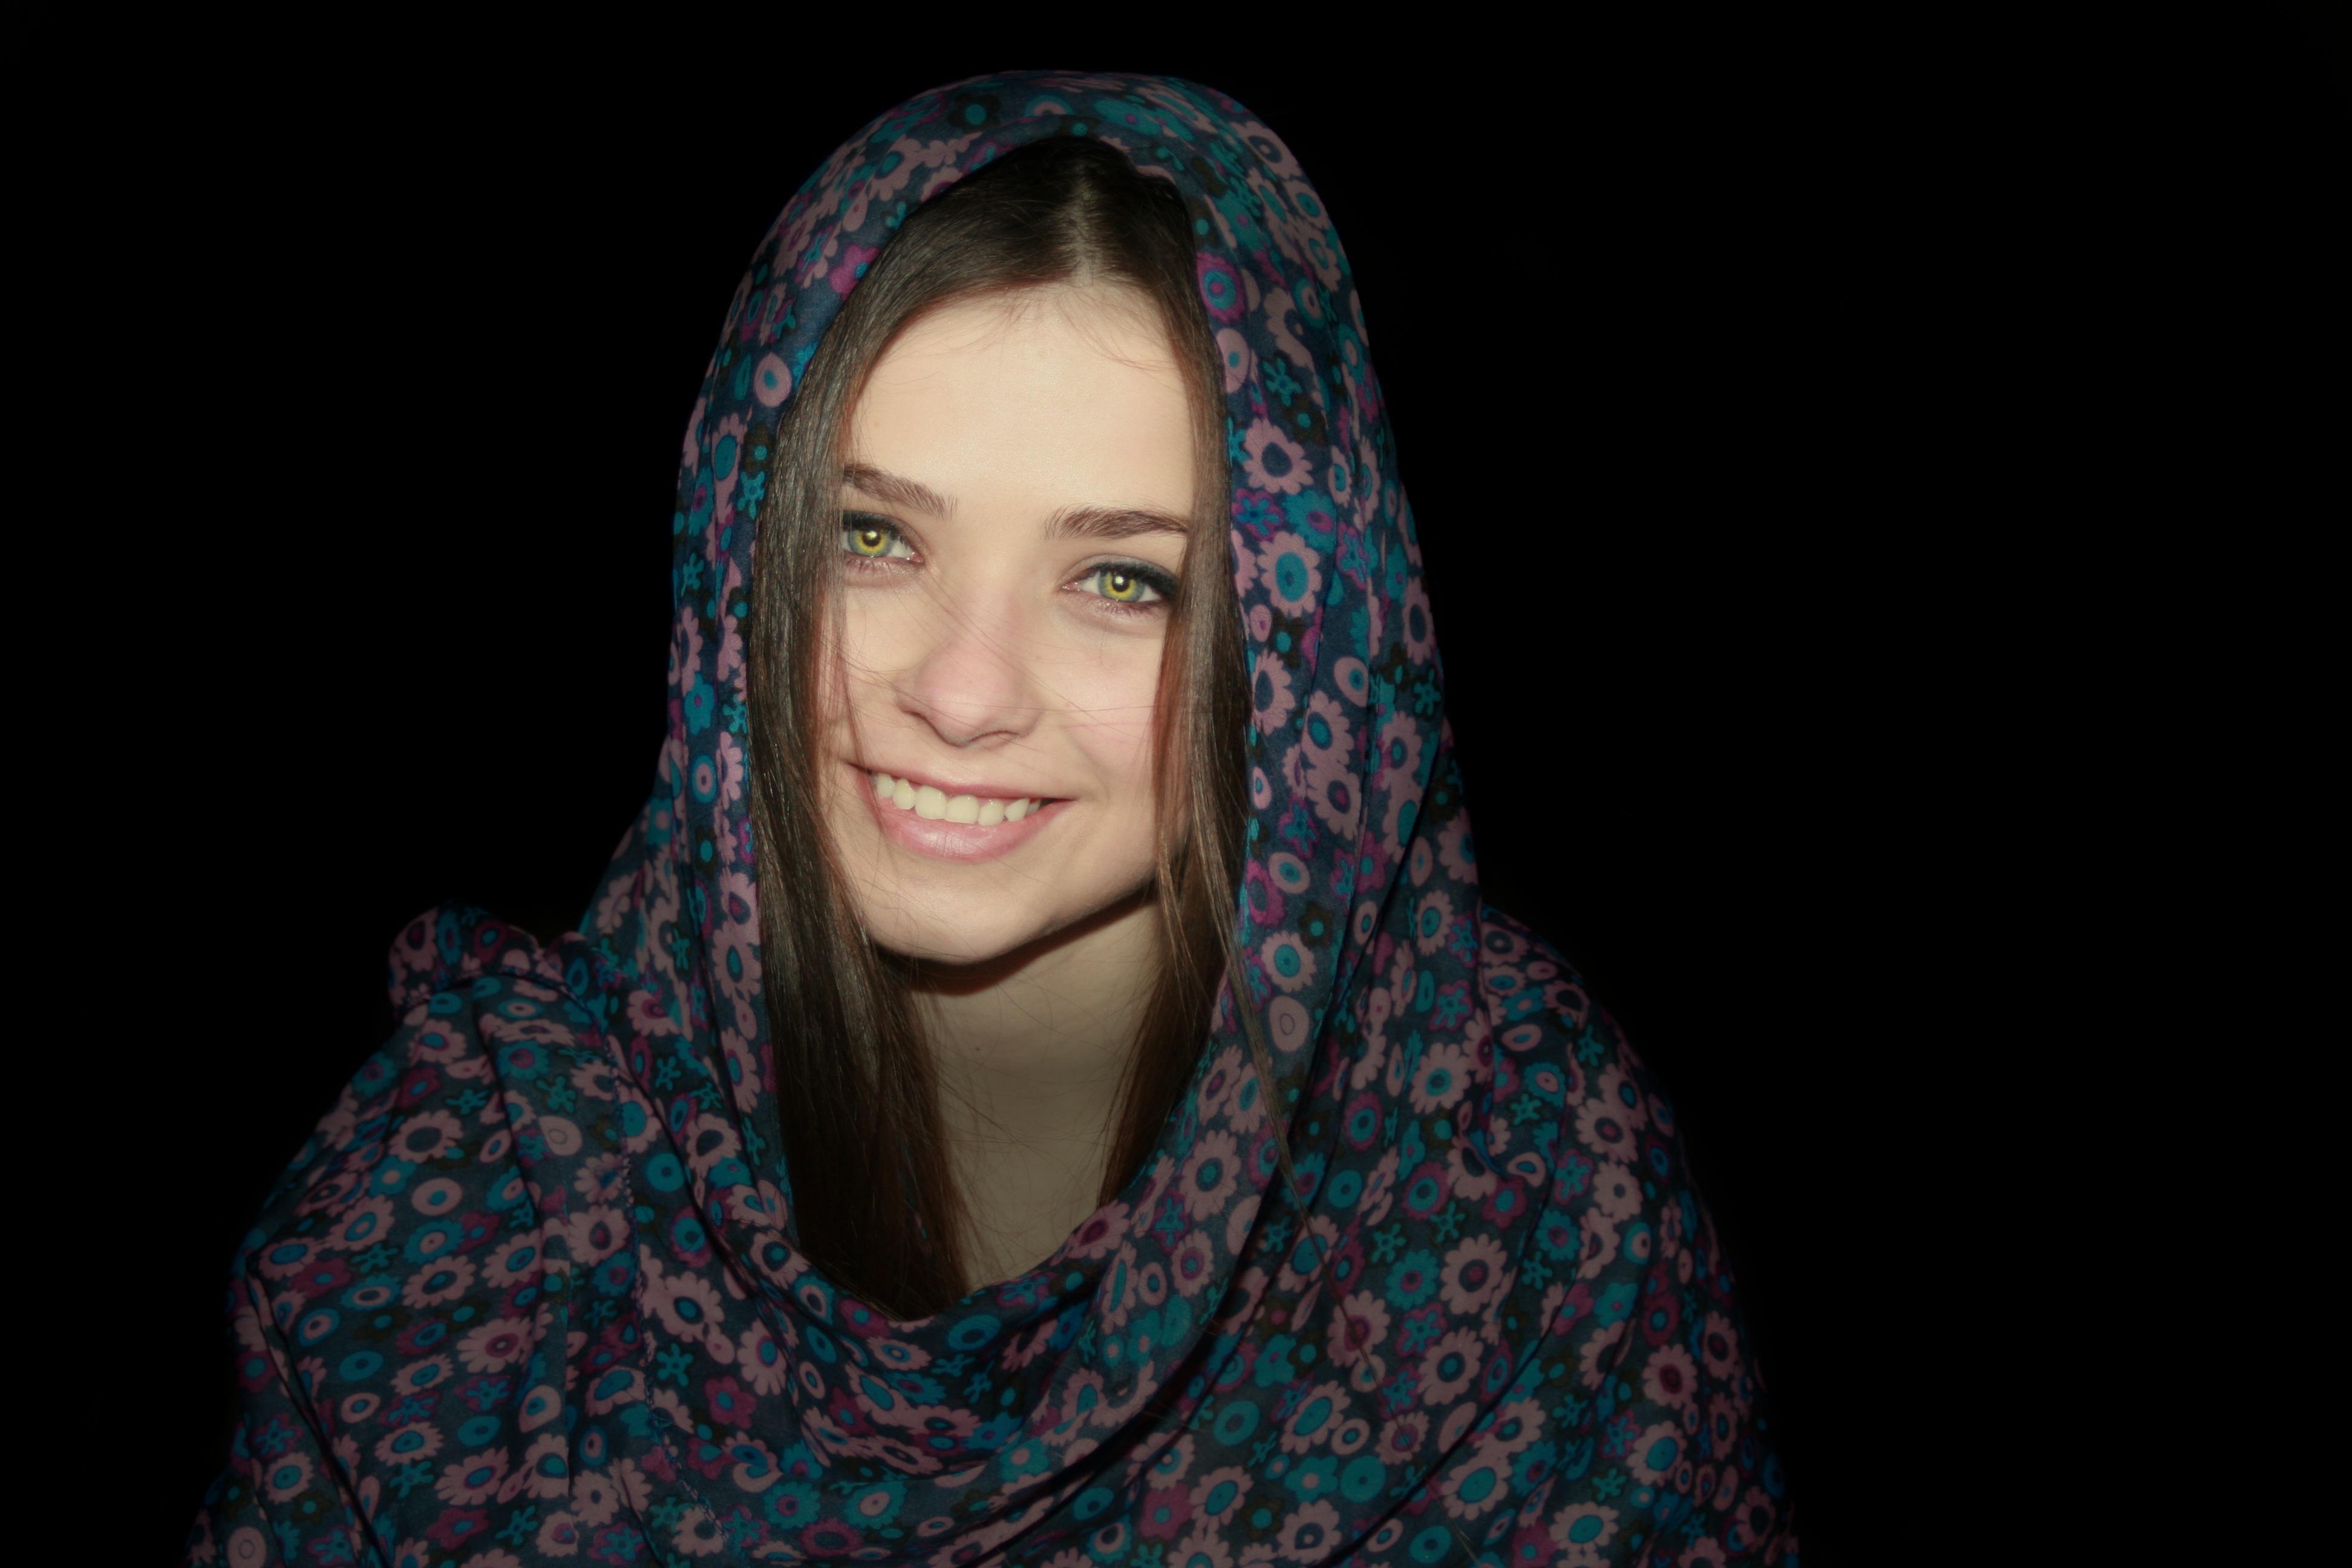 Kostenlose foto Mädchen Haar Porträt Kleidung Frisur lange